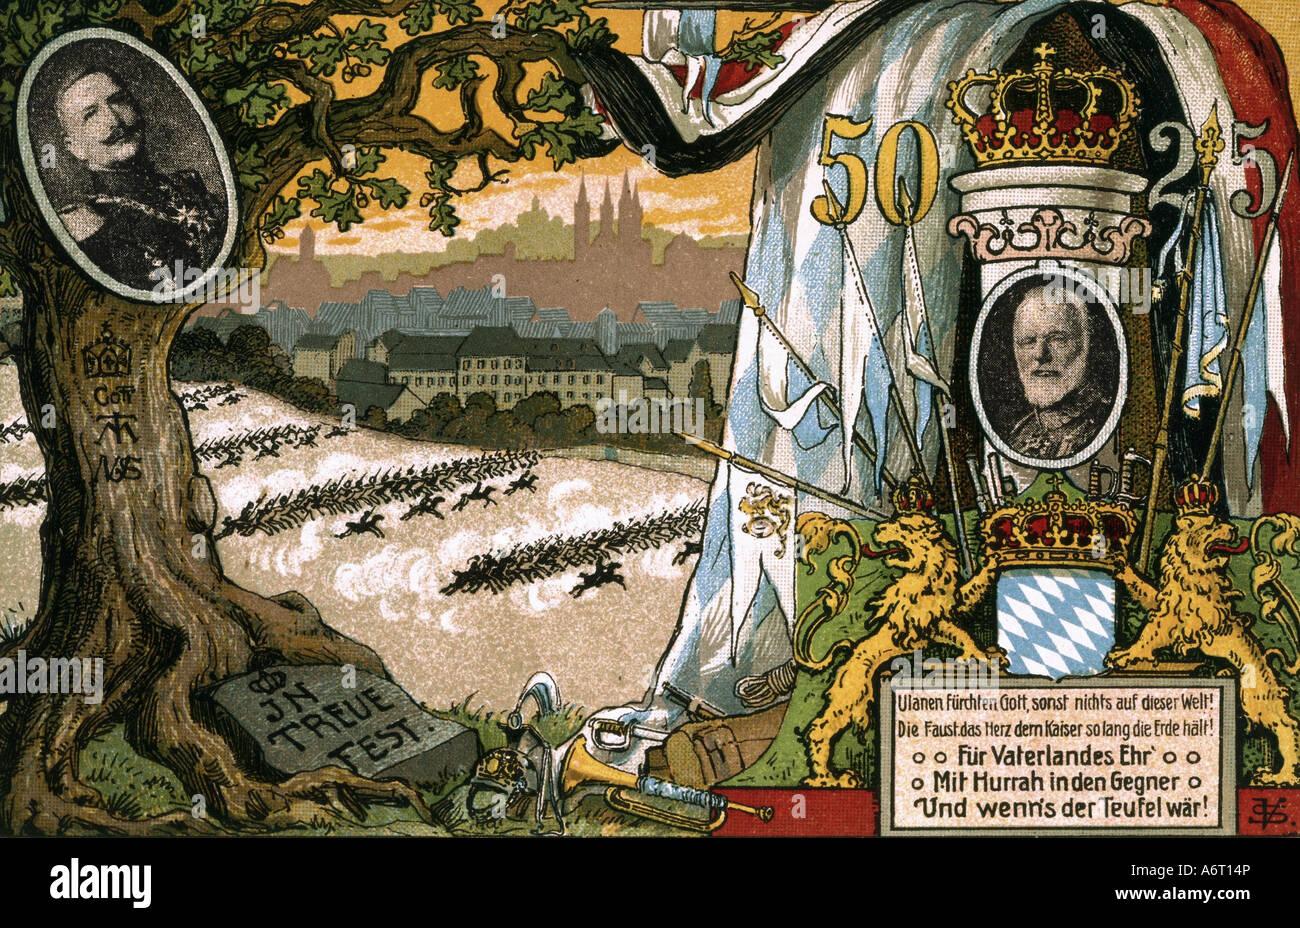 military, Germany, cavalry, 1st Royal Bavarian Lancers 'Kaiser  Wilhelm II., König von Preußen', - Stock Image